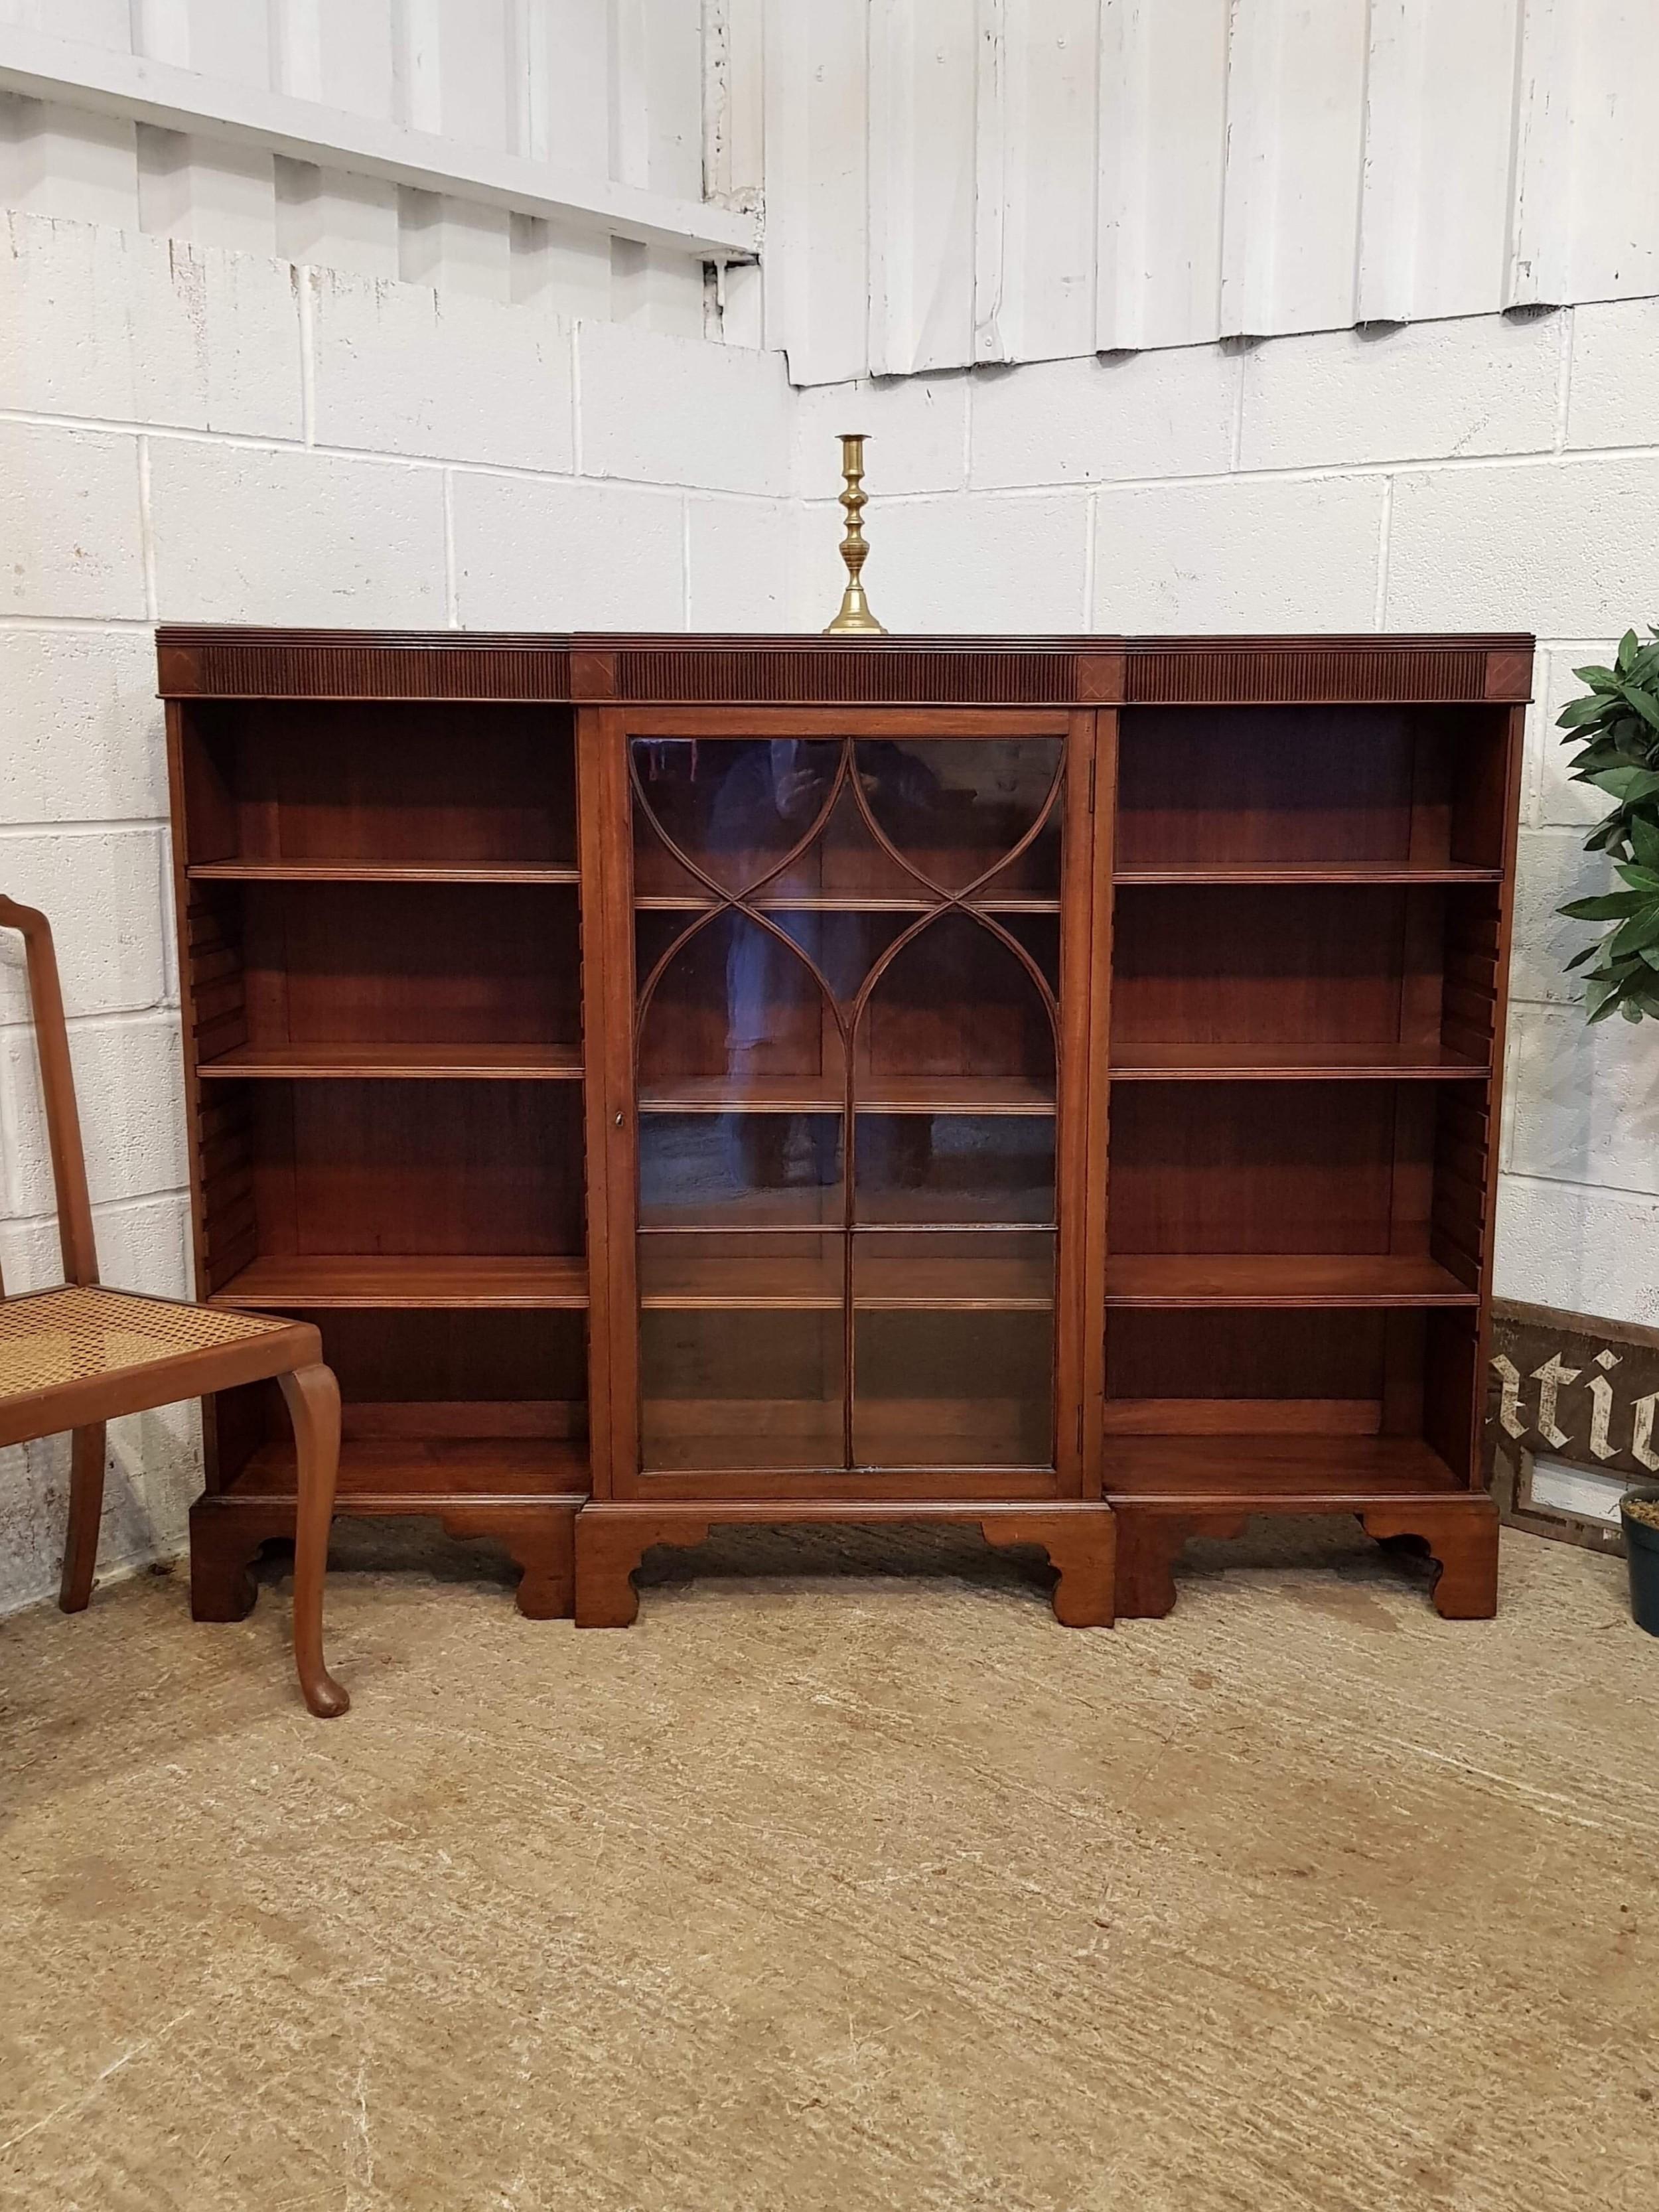 antique edwardian mahogany astragal glazed open bookcase c1900